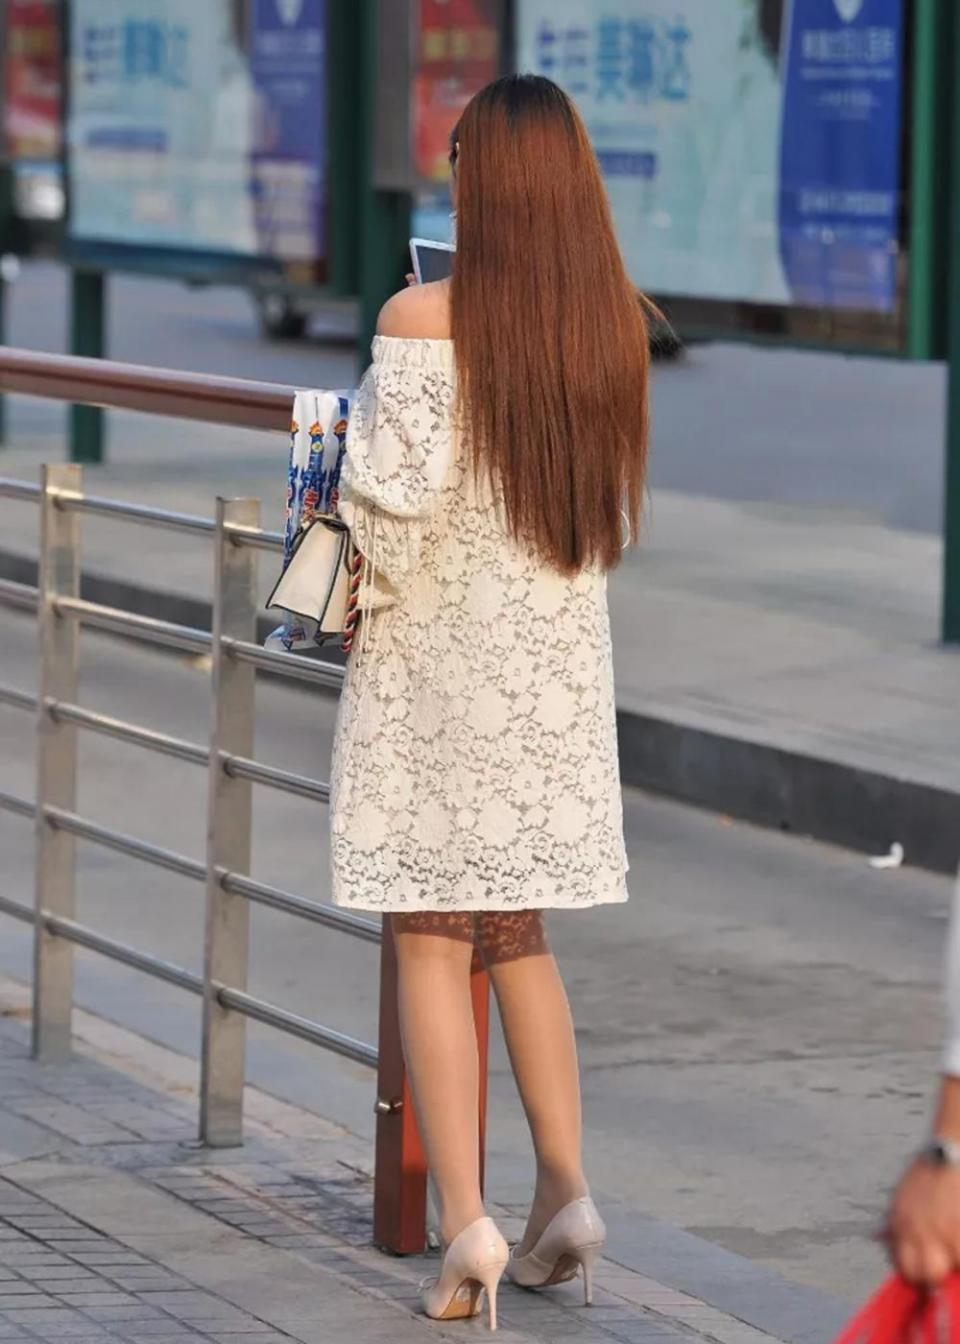 小羽街拍:高挑长裙美女,香肩半露,肉丝高跟鞋很